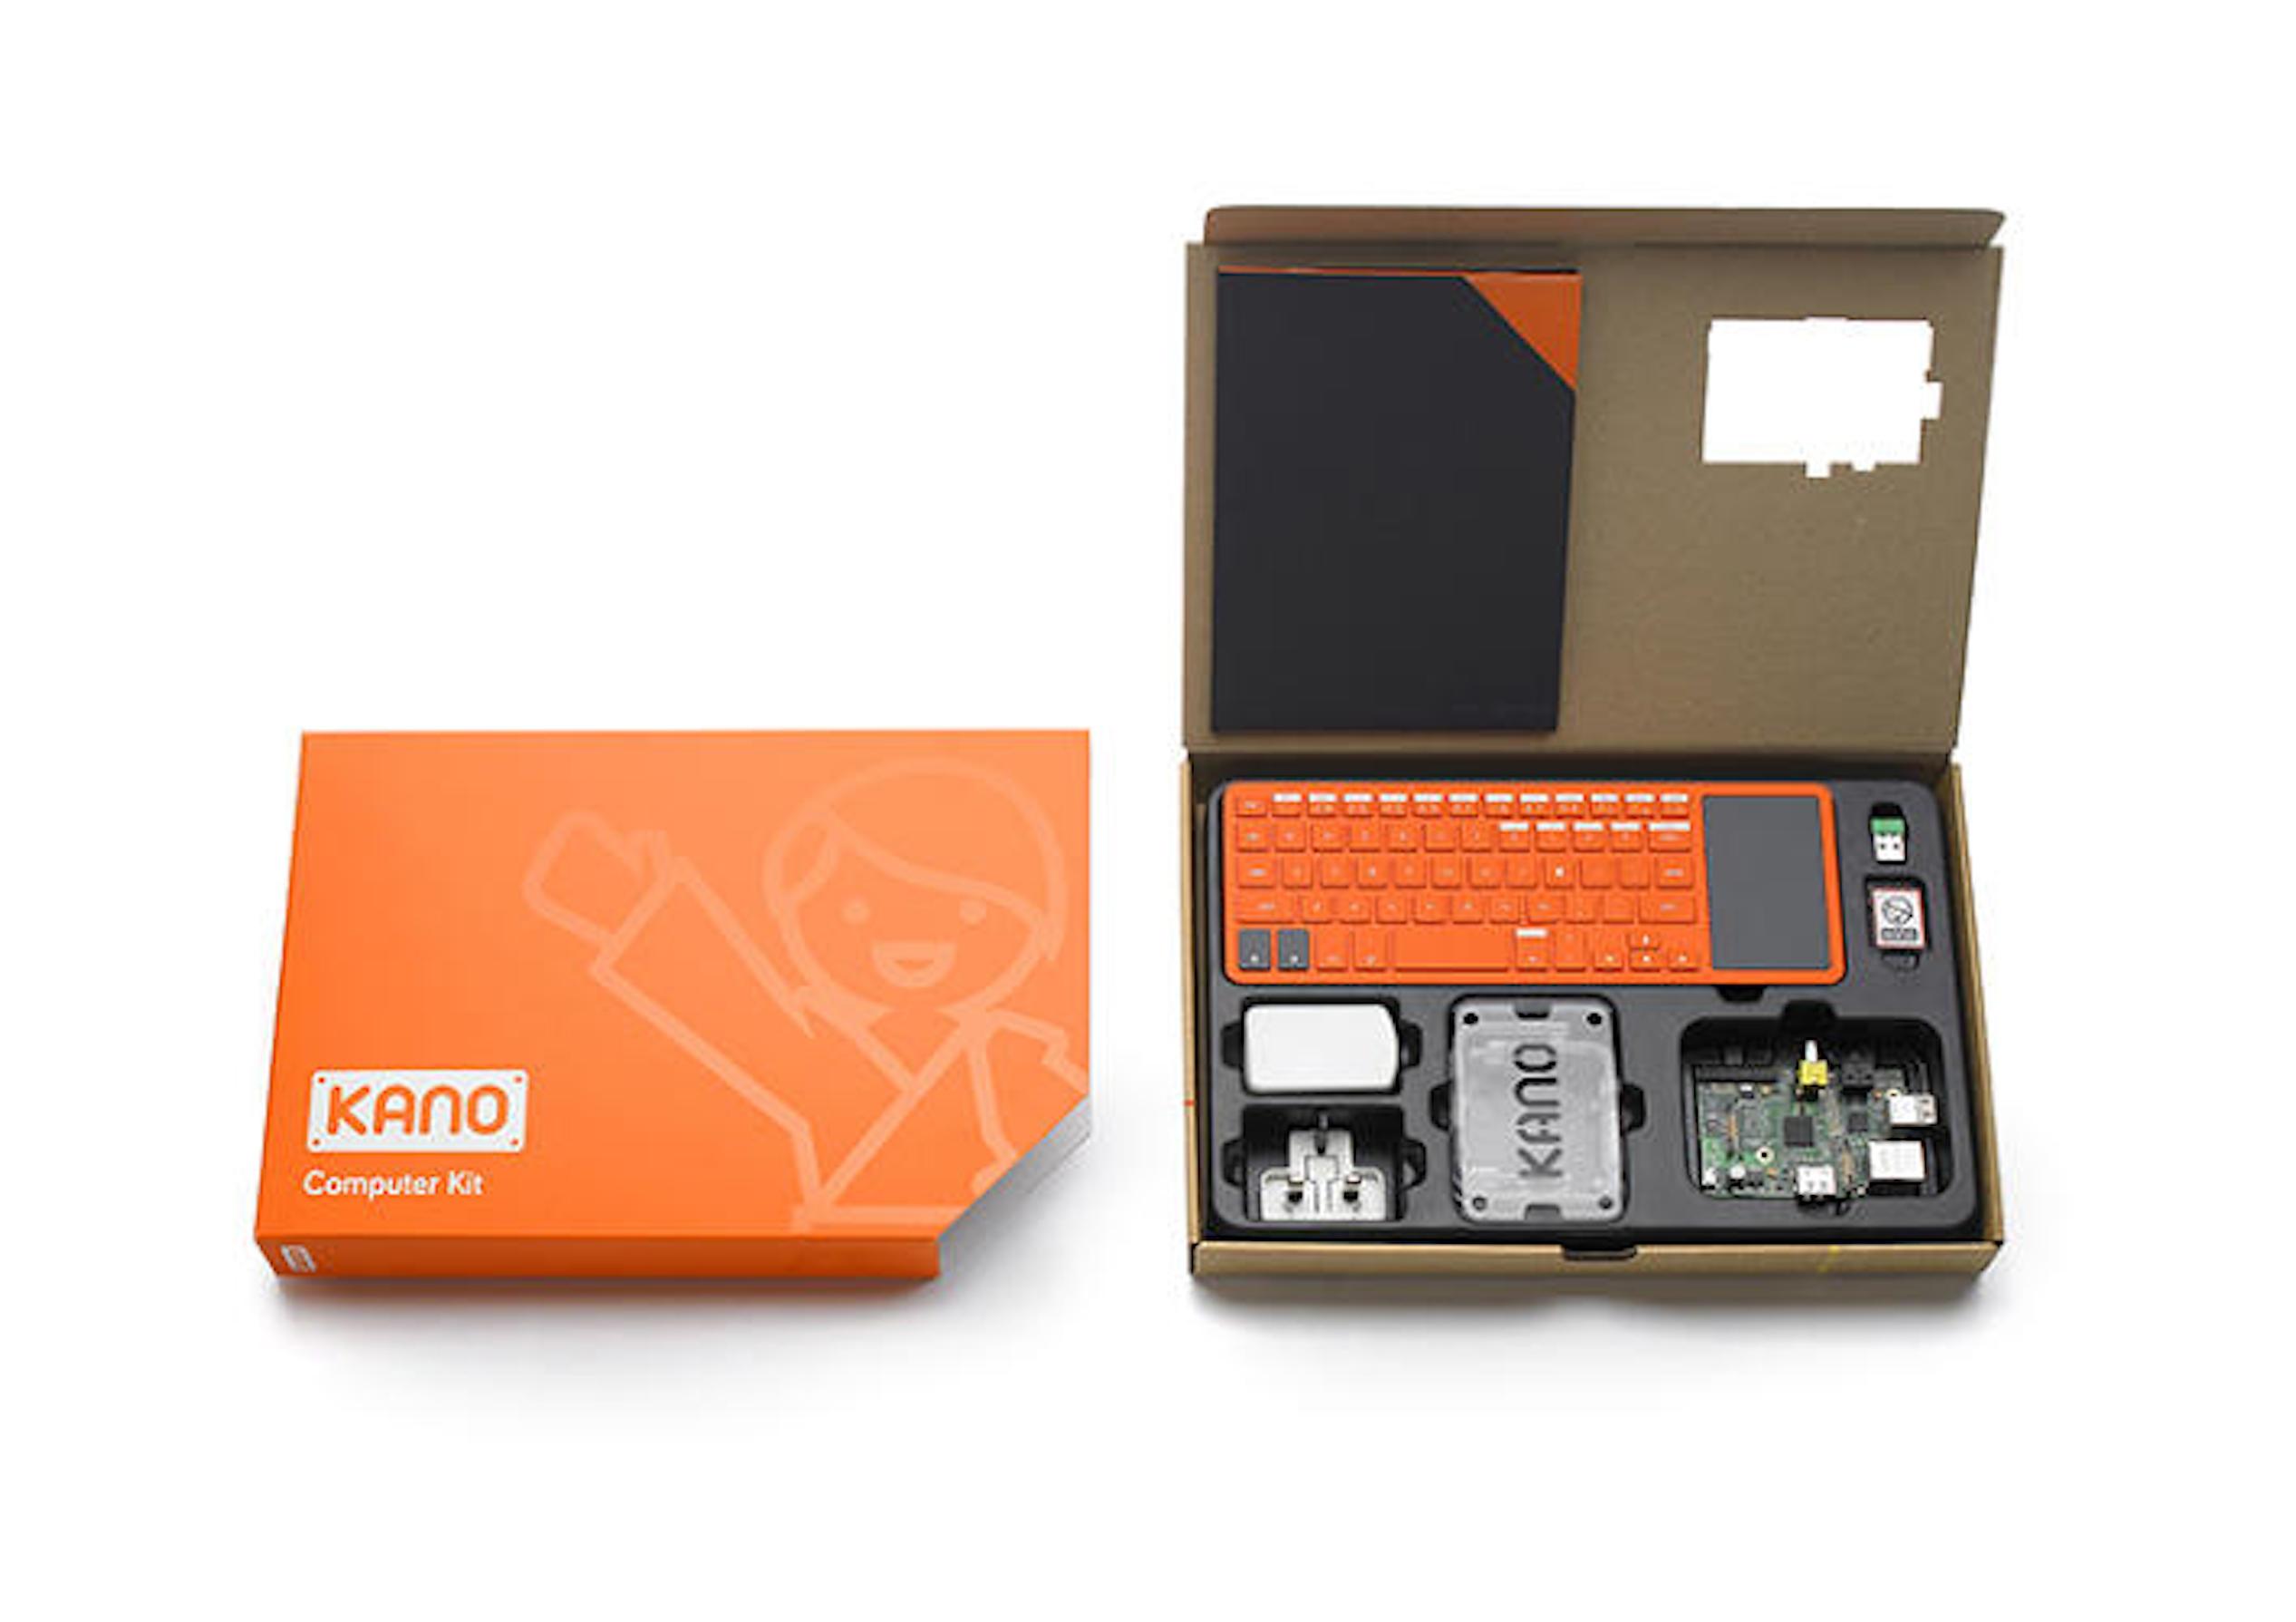 3021909-slide-02-kano-kit-open-box